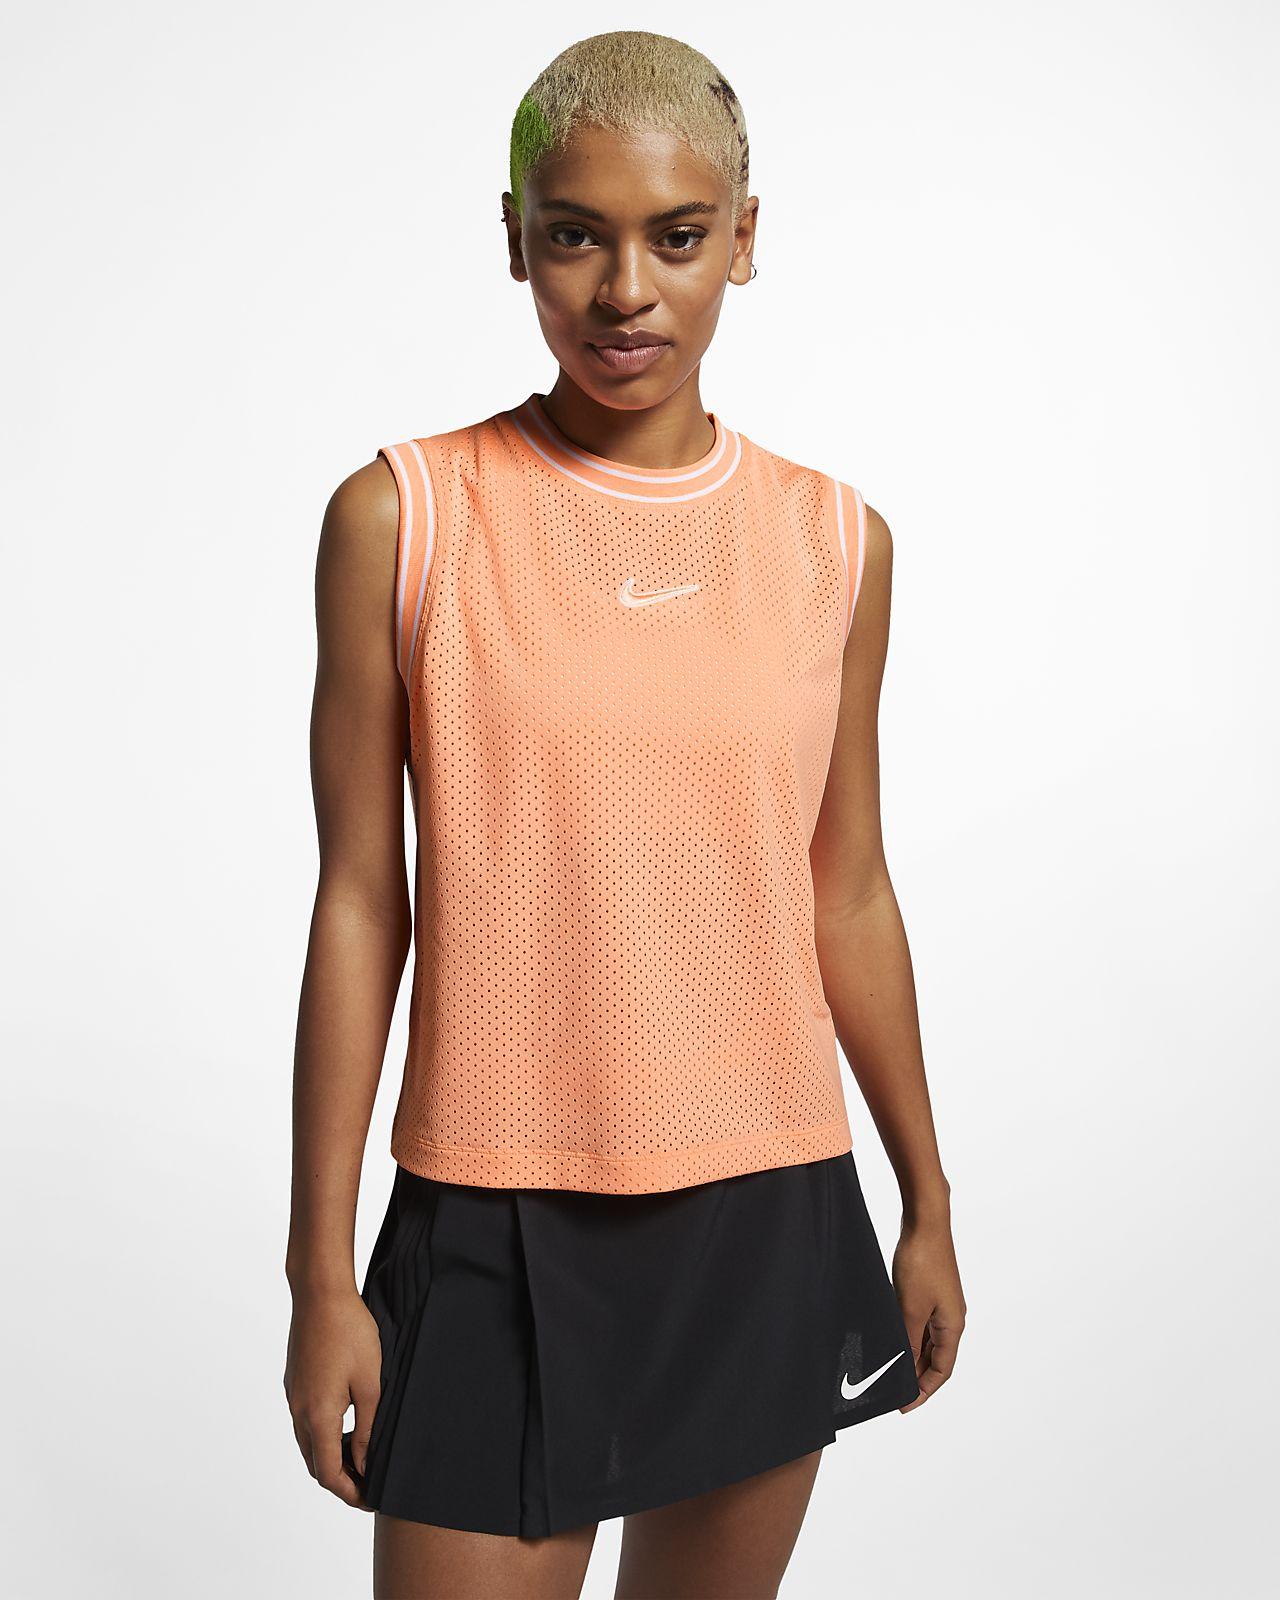 NikeCourt Kadın Tenis Atleti